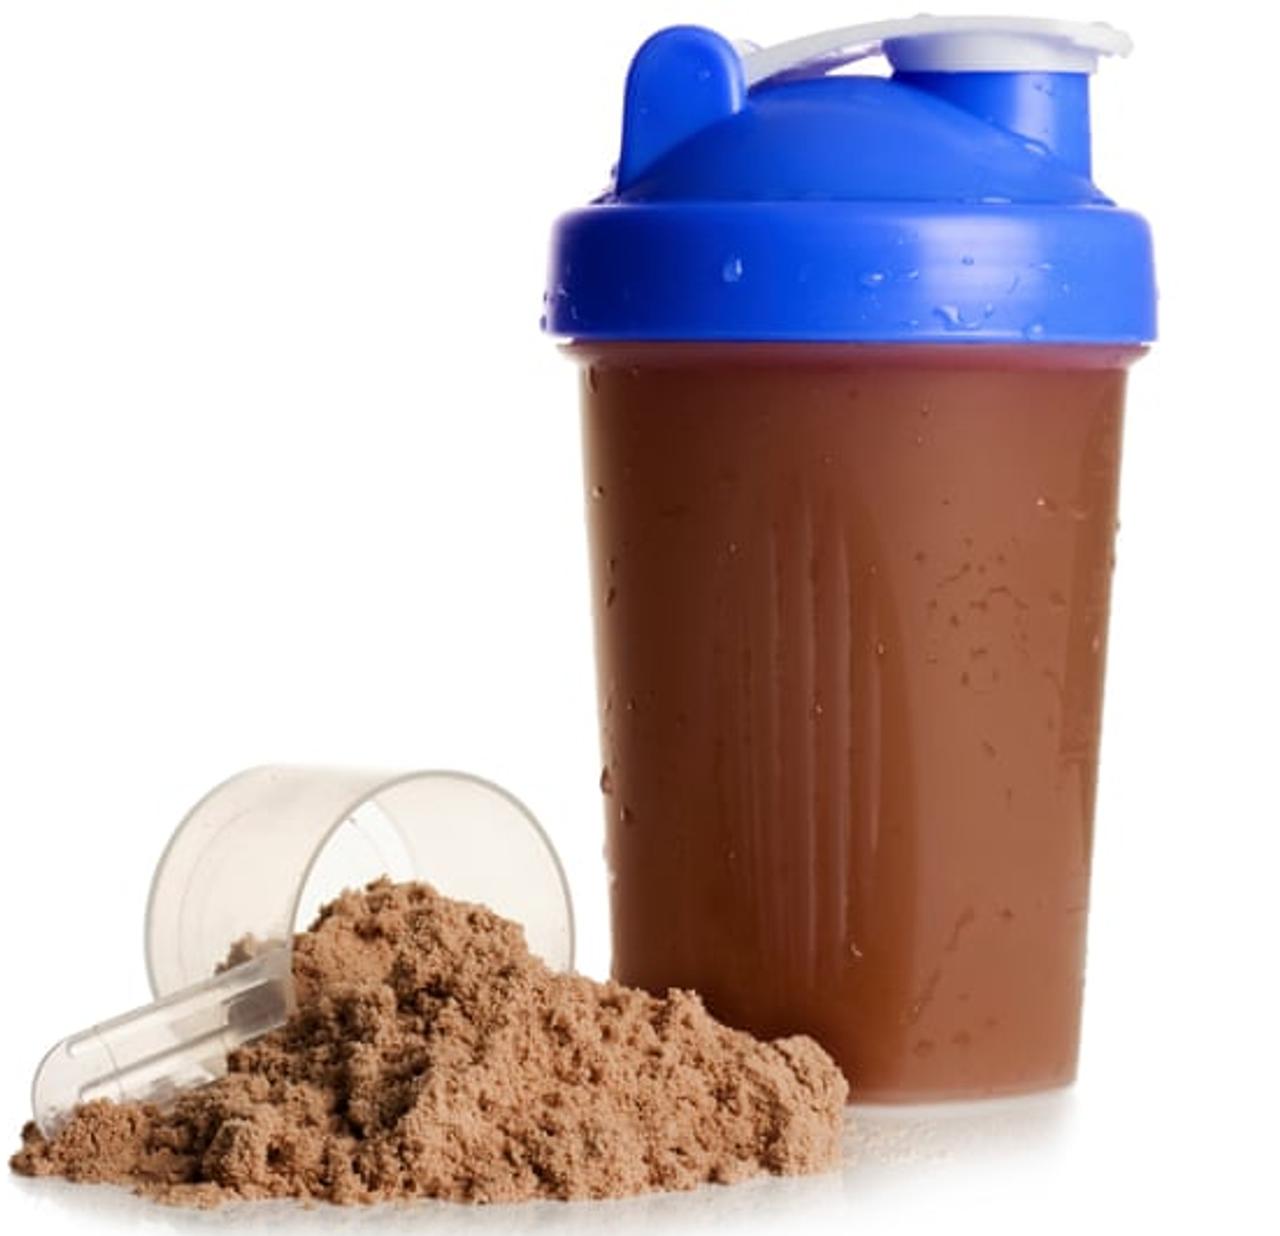 Basic Beverly Protein Shake Instructions